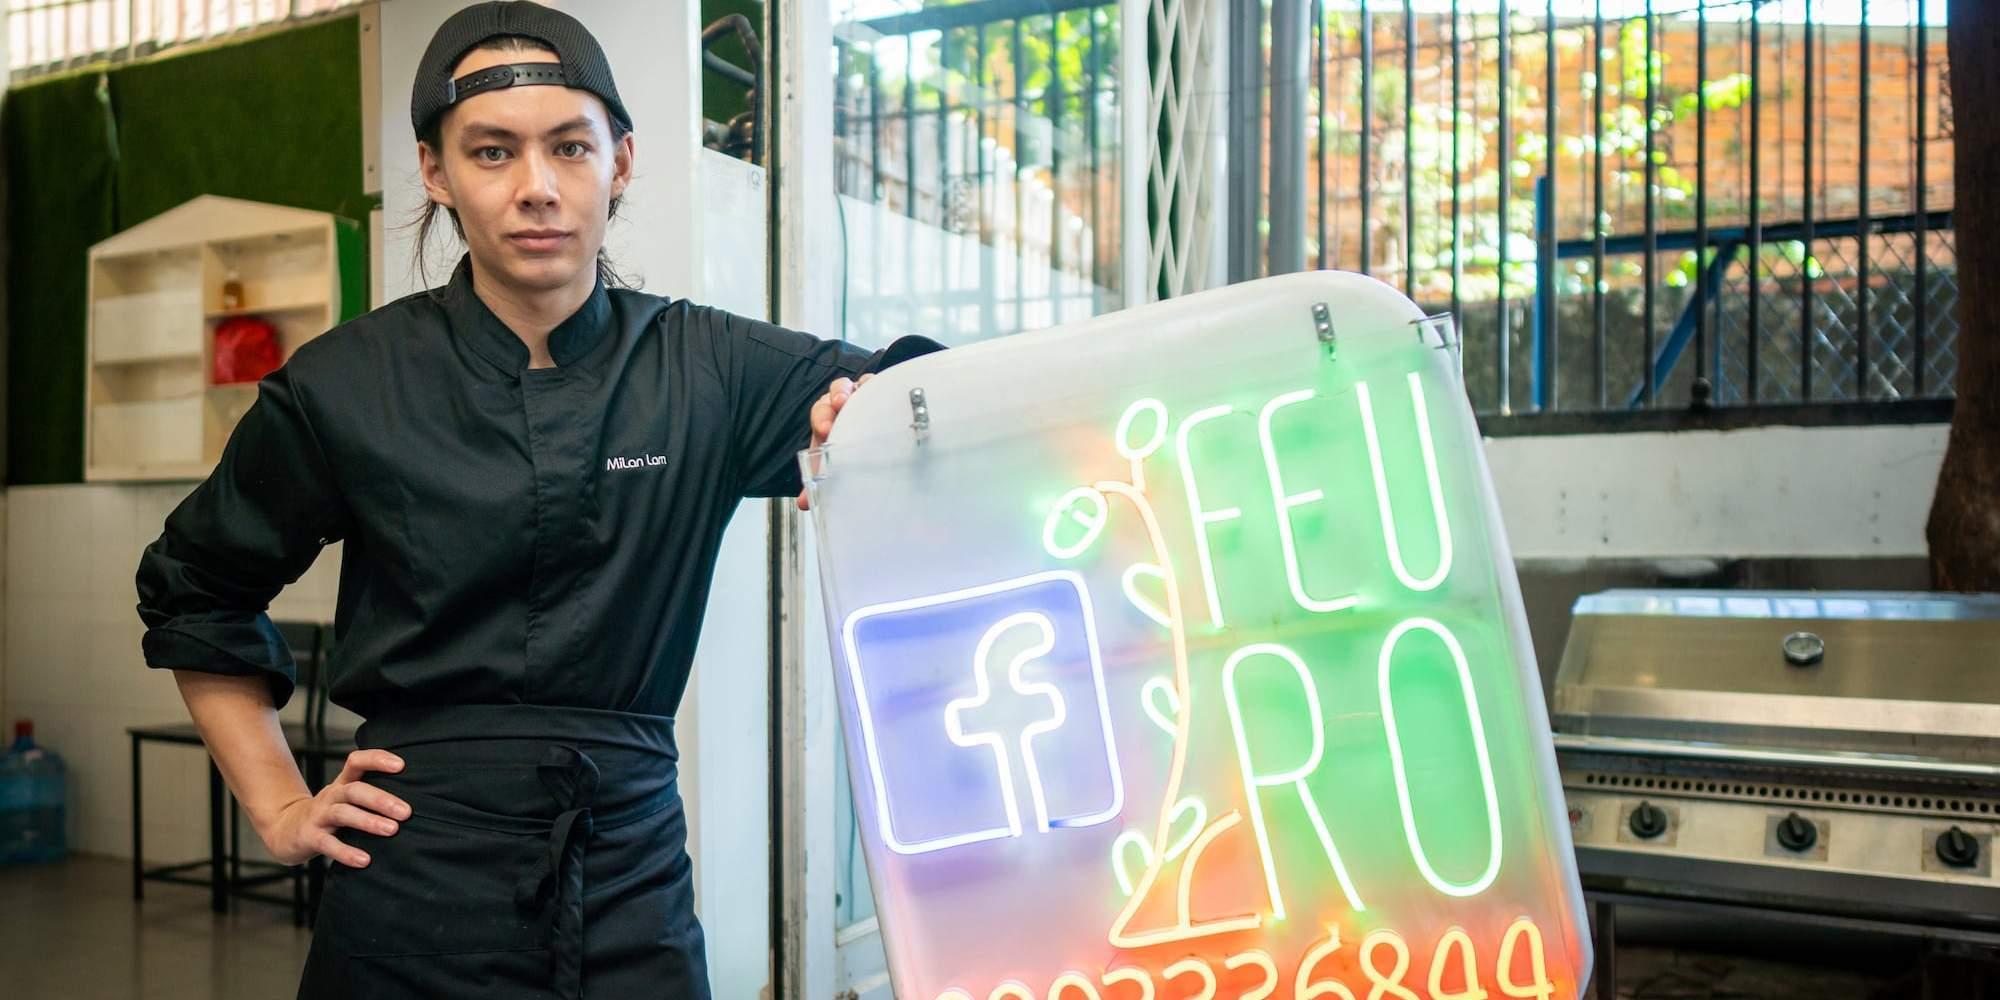 FEURO — Trải nghiệm ẩm thực châu Âu cao cấp trên chiếc xe máy